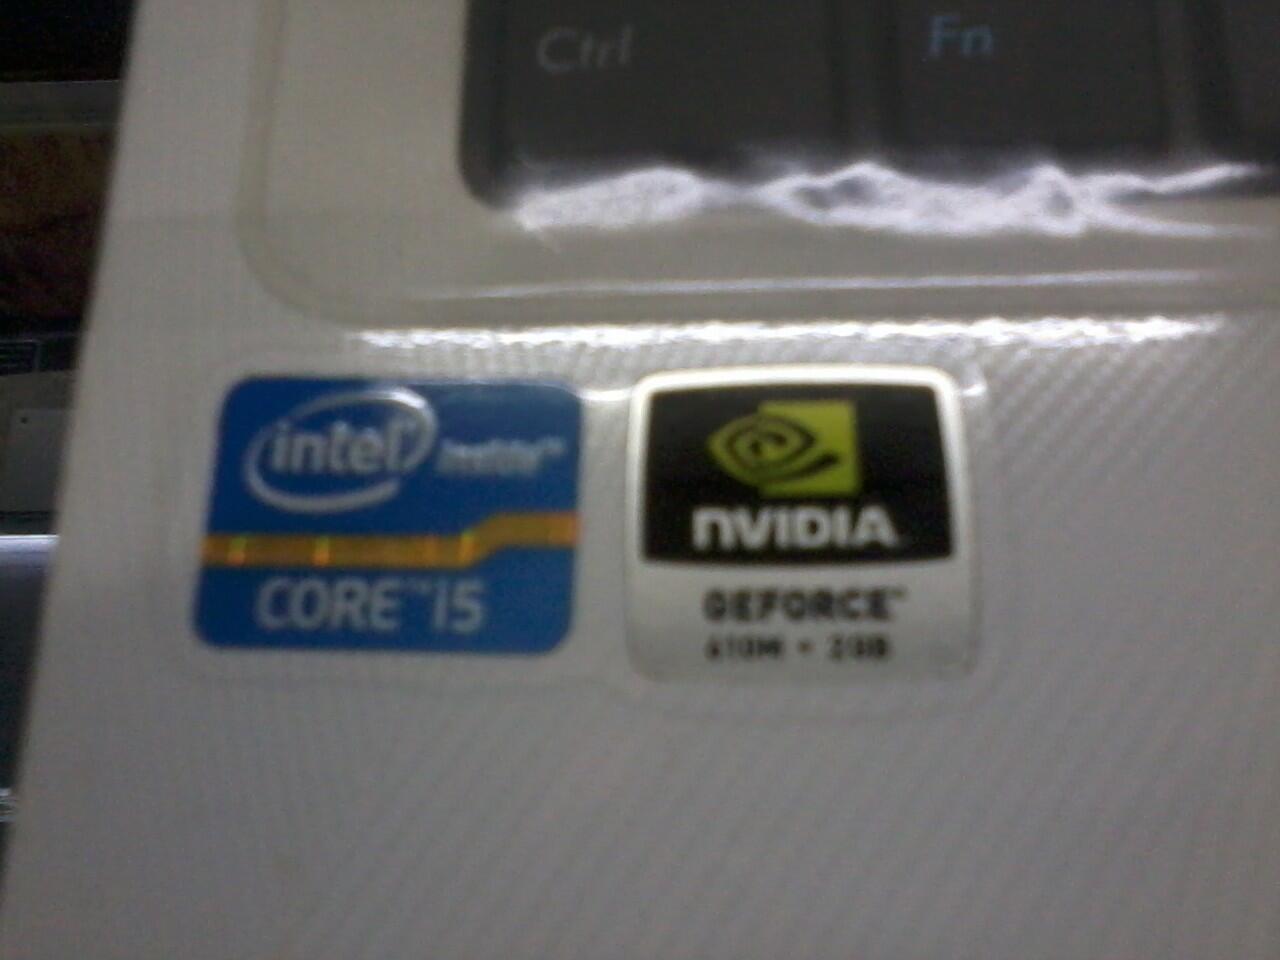 laptop super gaming asus A43S core i5 sandi vga nvidia 2 gb bandung